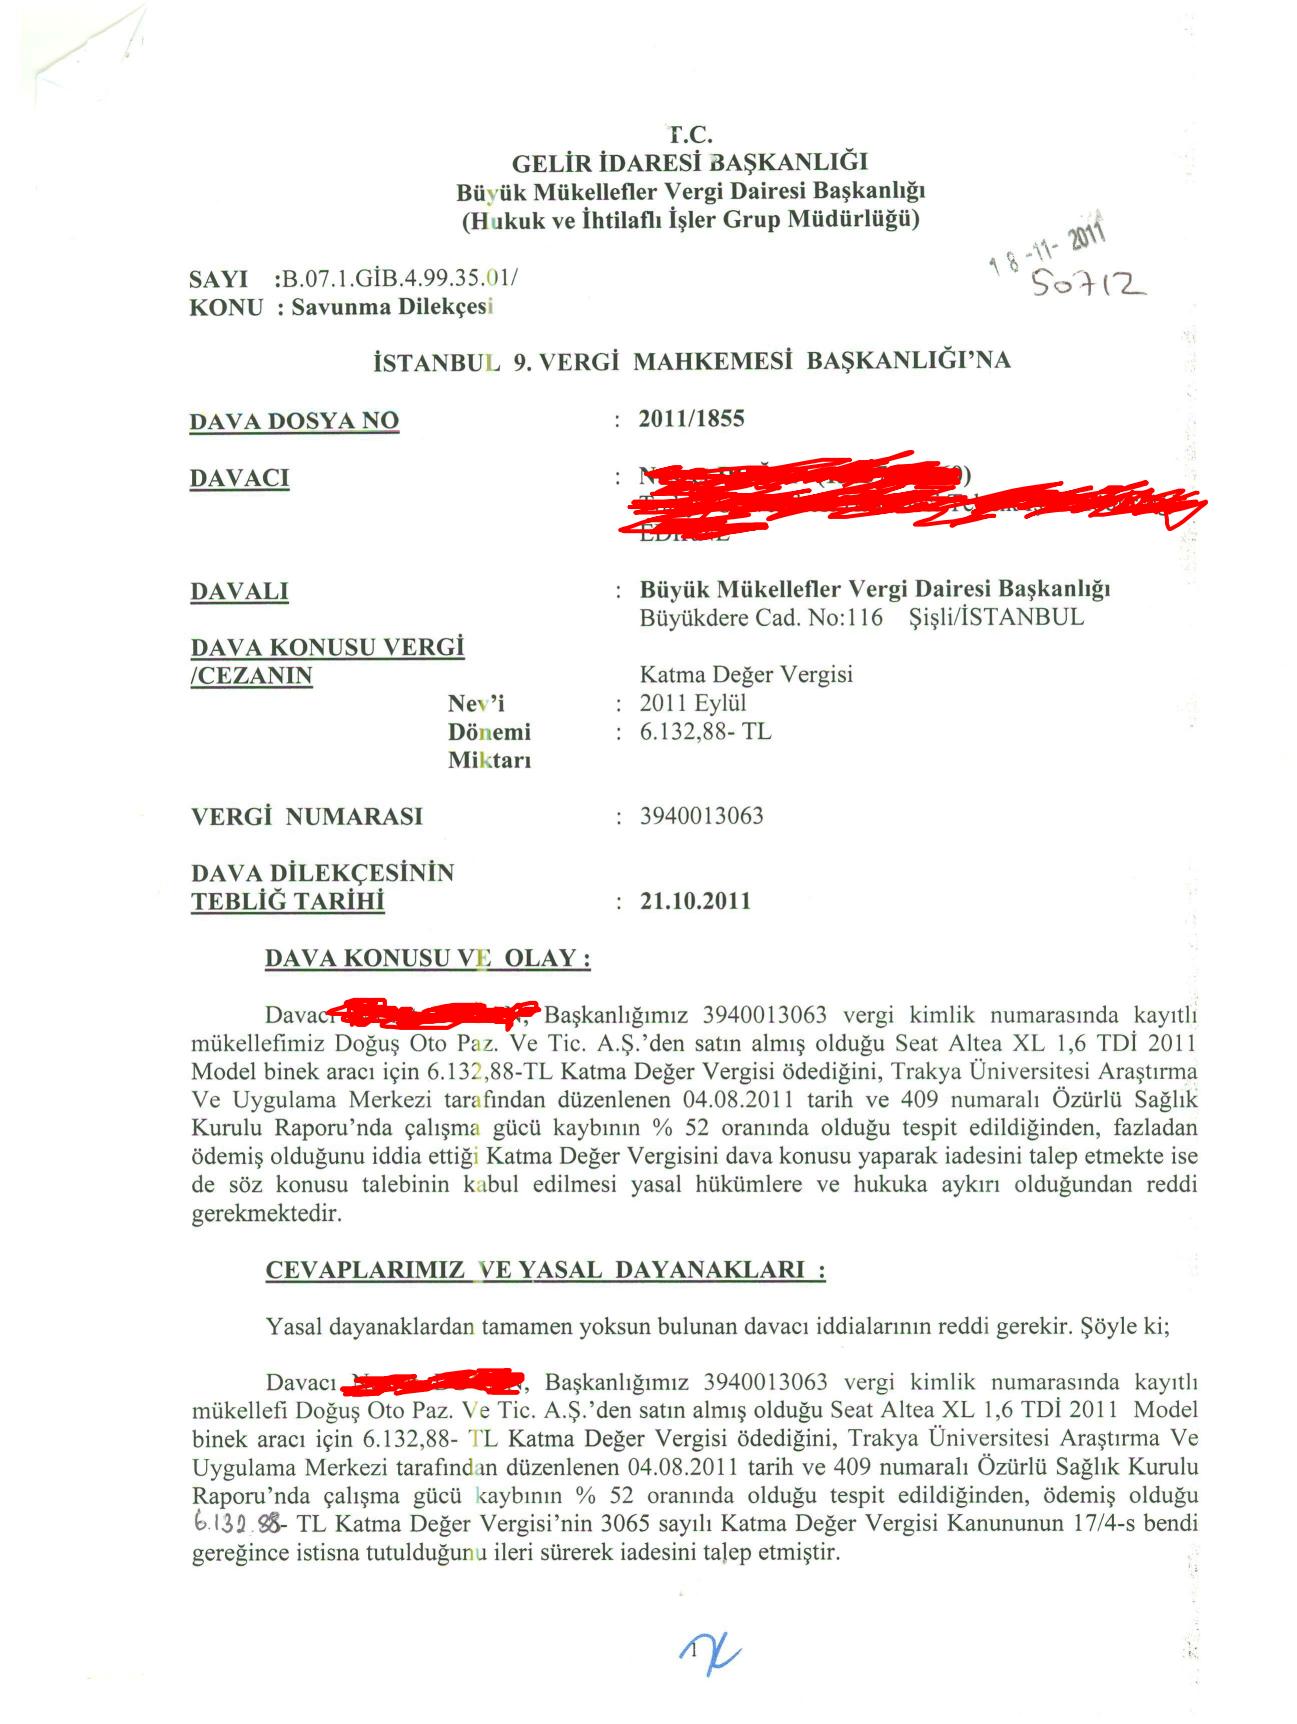 Istanbul BMVD savunma1 - Sakat statüsünde alınan araç için ödenen KDV'nin geri alınması işlemleri ve süreç